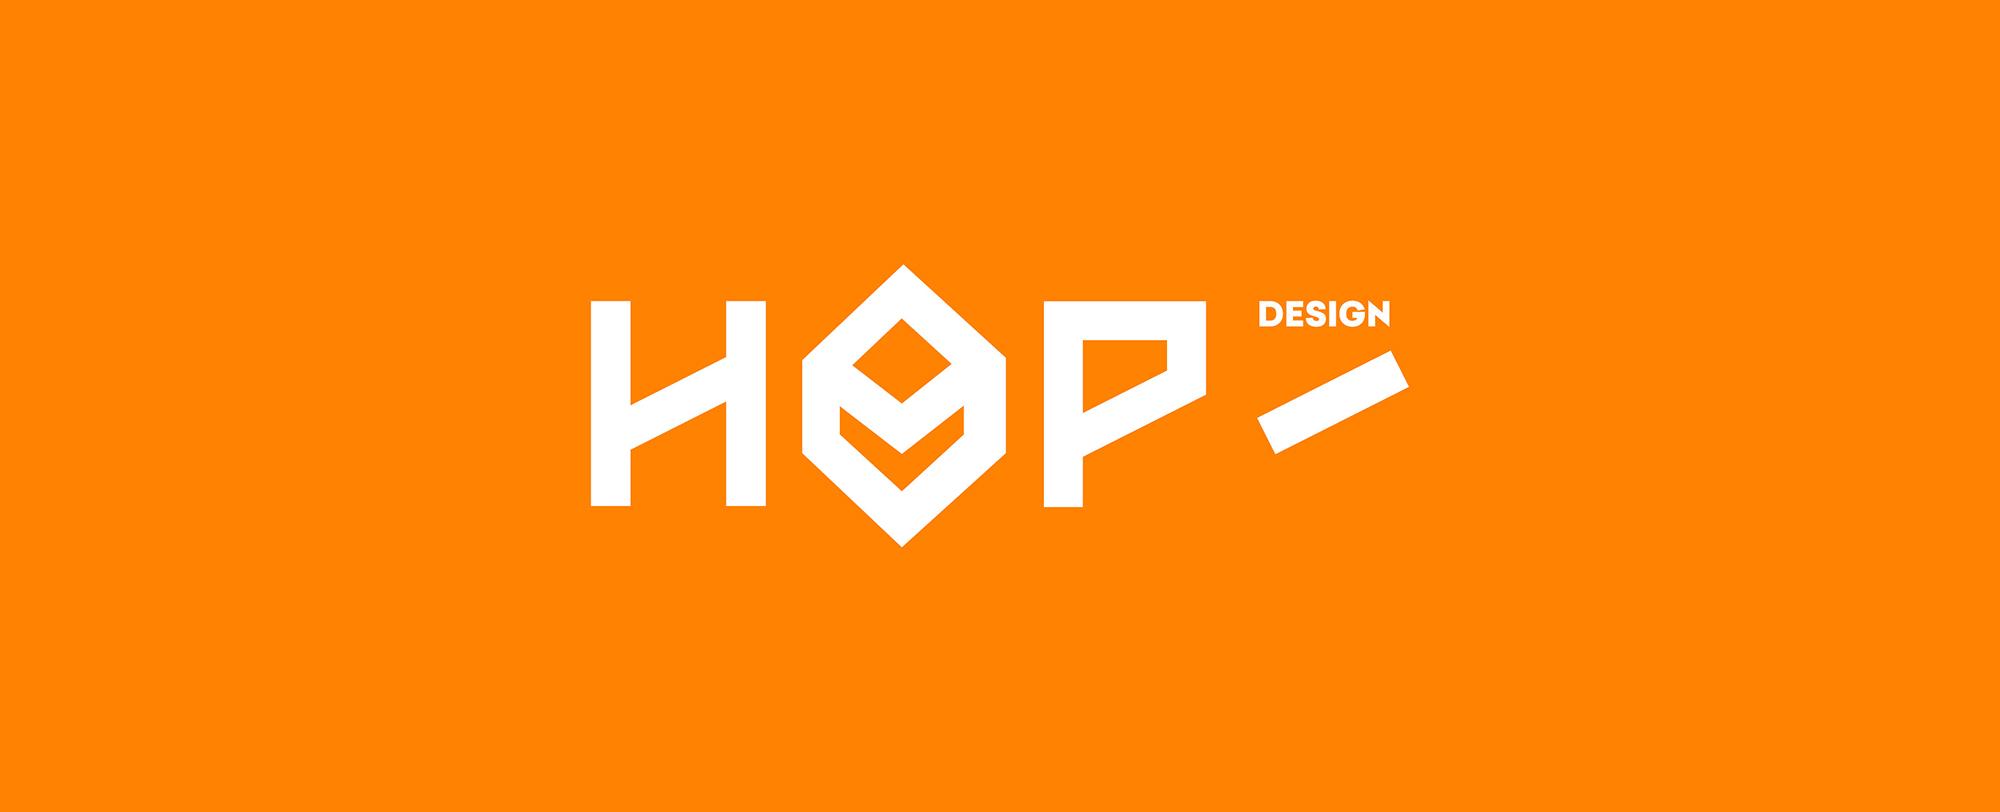 brandbook hop design by nina gregier (1)